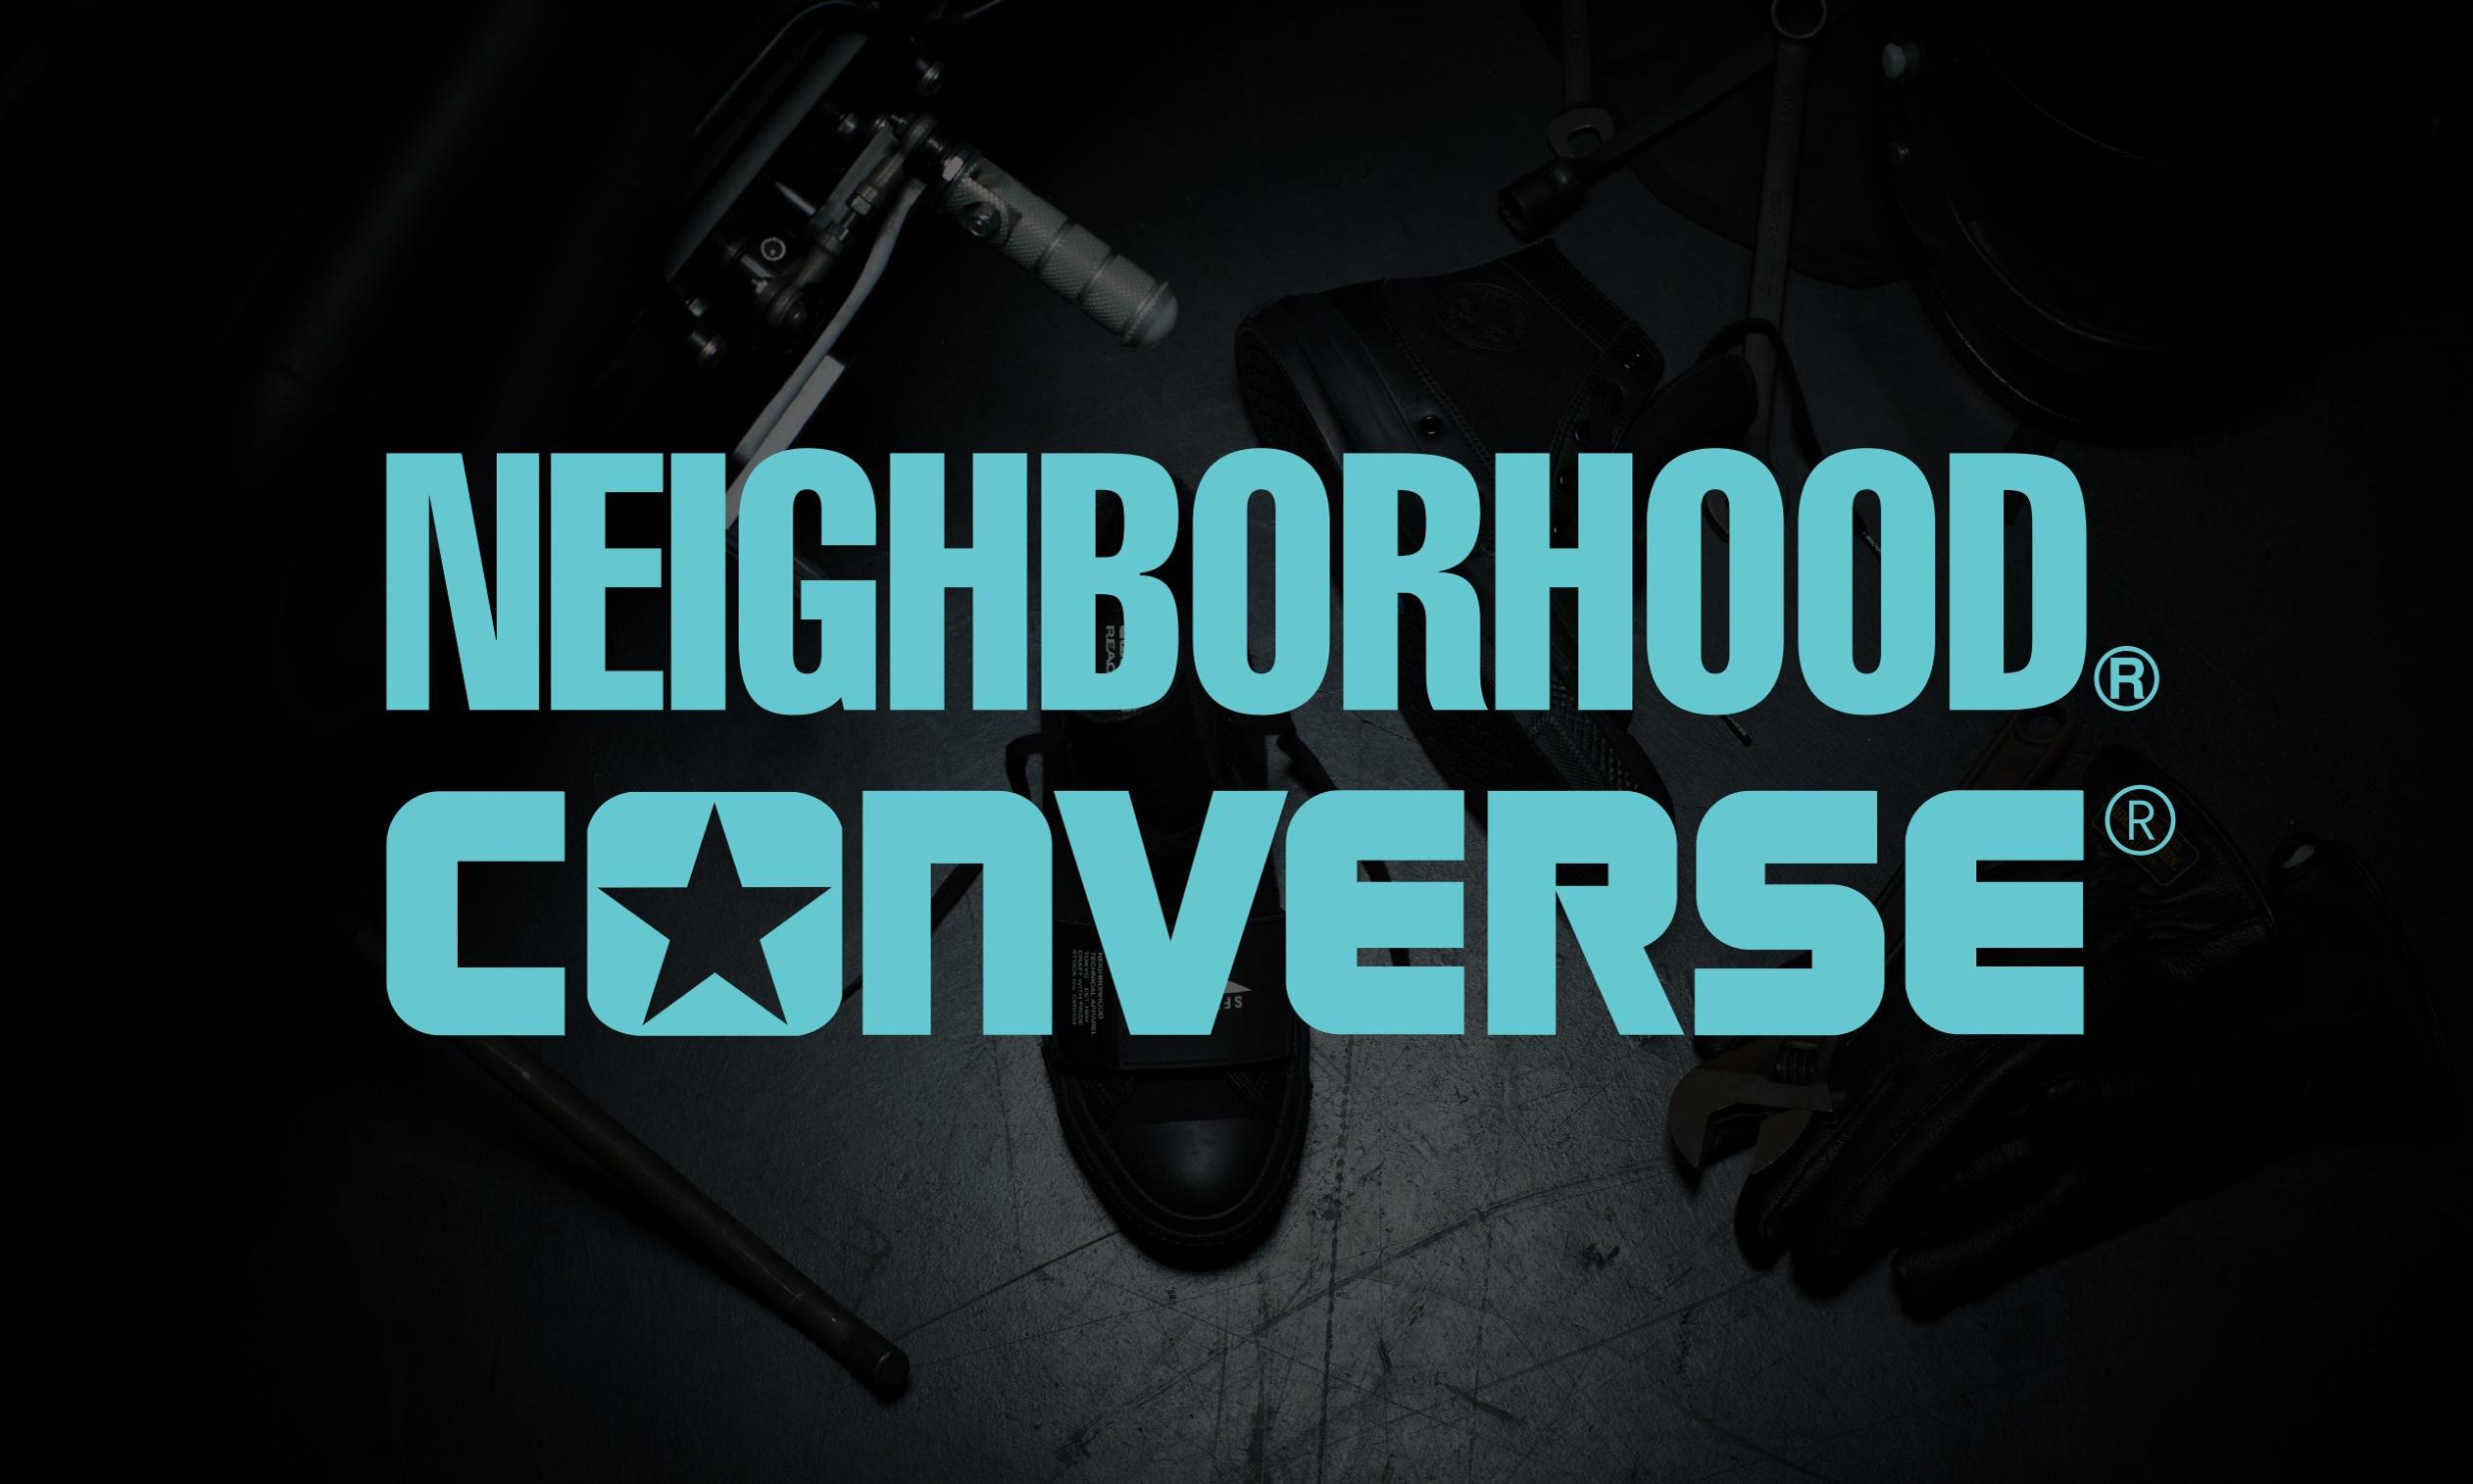 NEIGHBORHOOD x CONVERSE 联名系列宣传影片释出